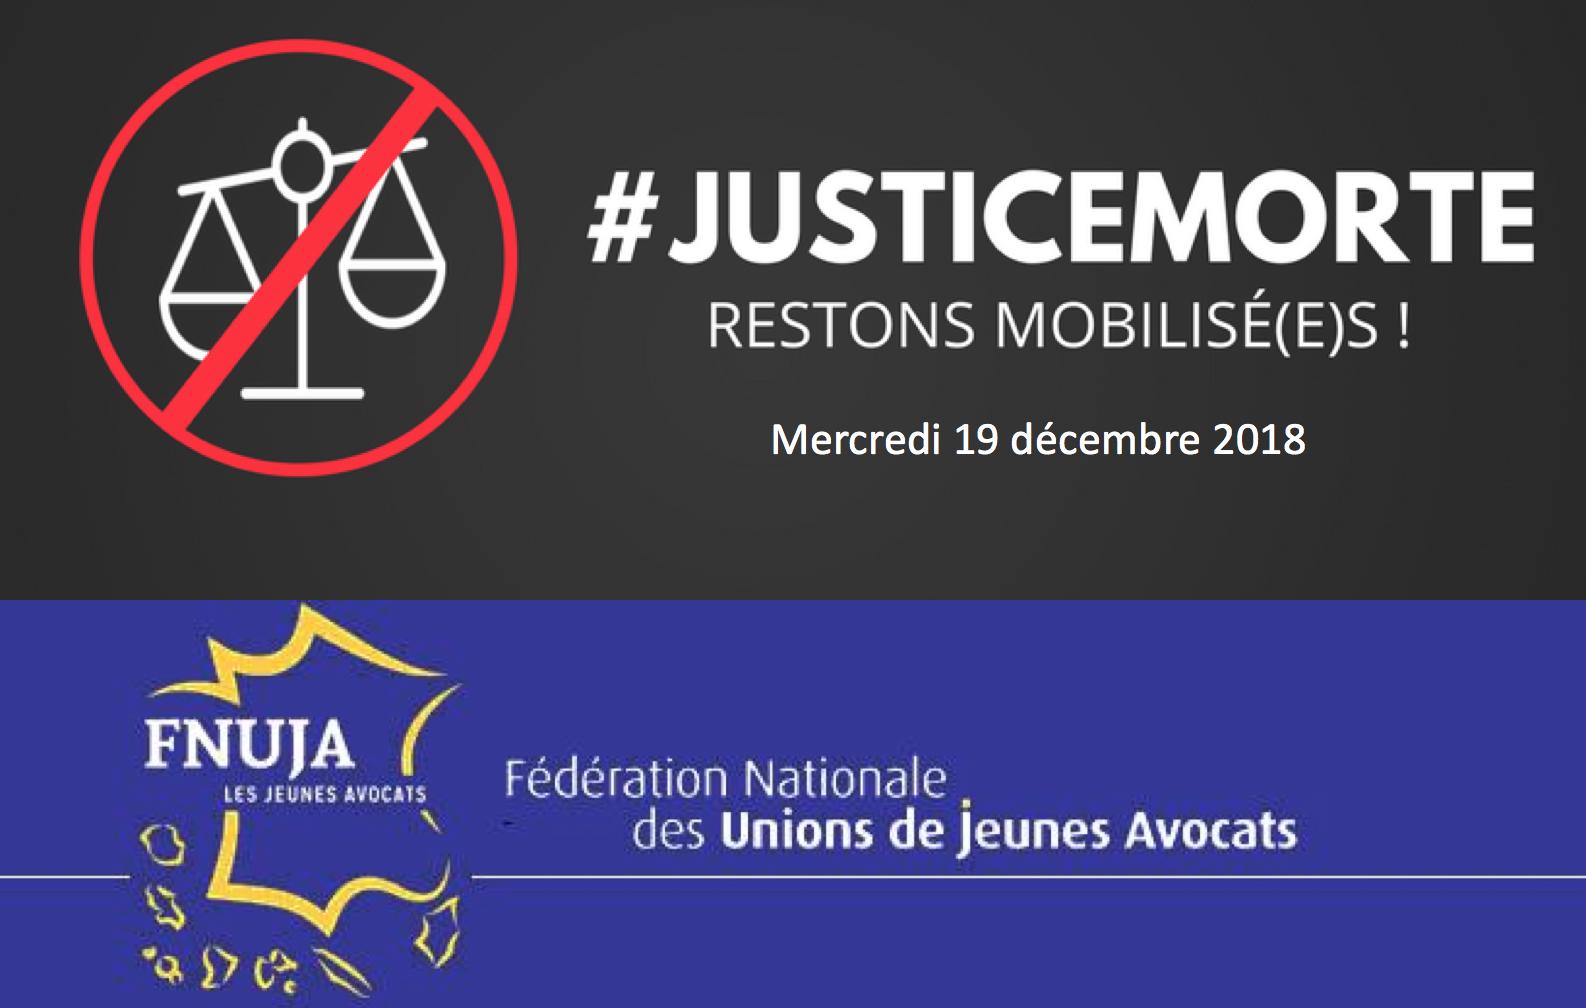 """Mobilisation contre le PLJ Justice - Nouvelle journée """"Justice morte"""" le 19 décembre !"""